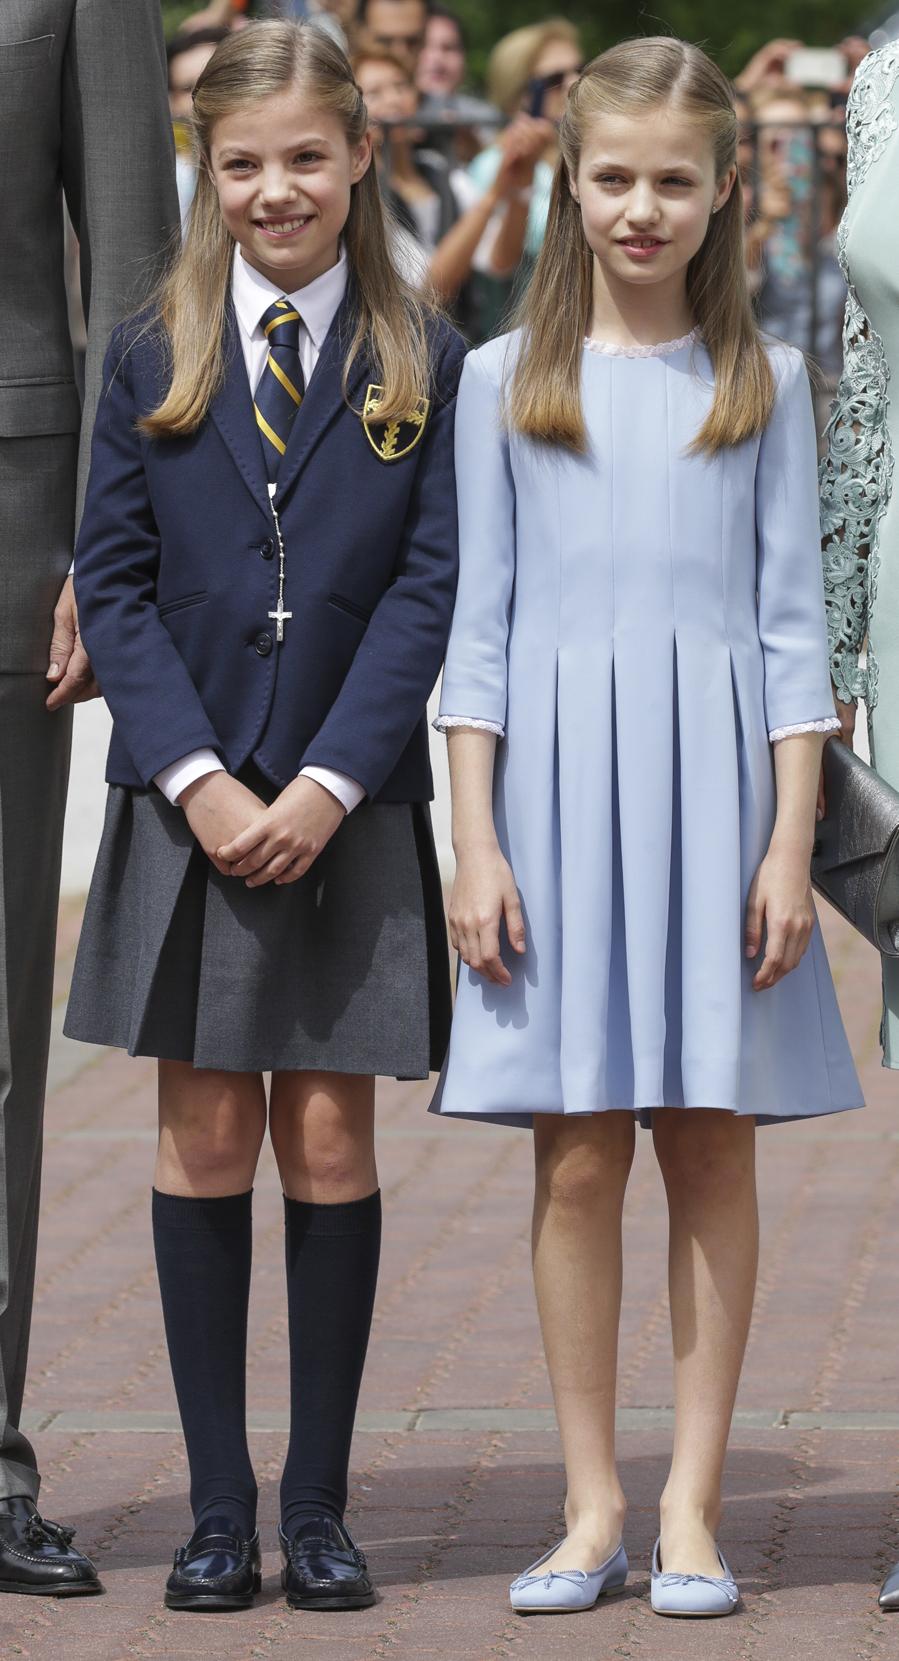 Vestido de comunion de la princesa leonor